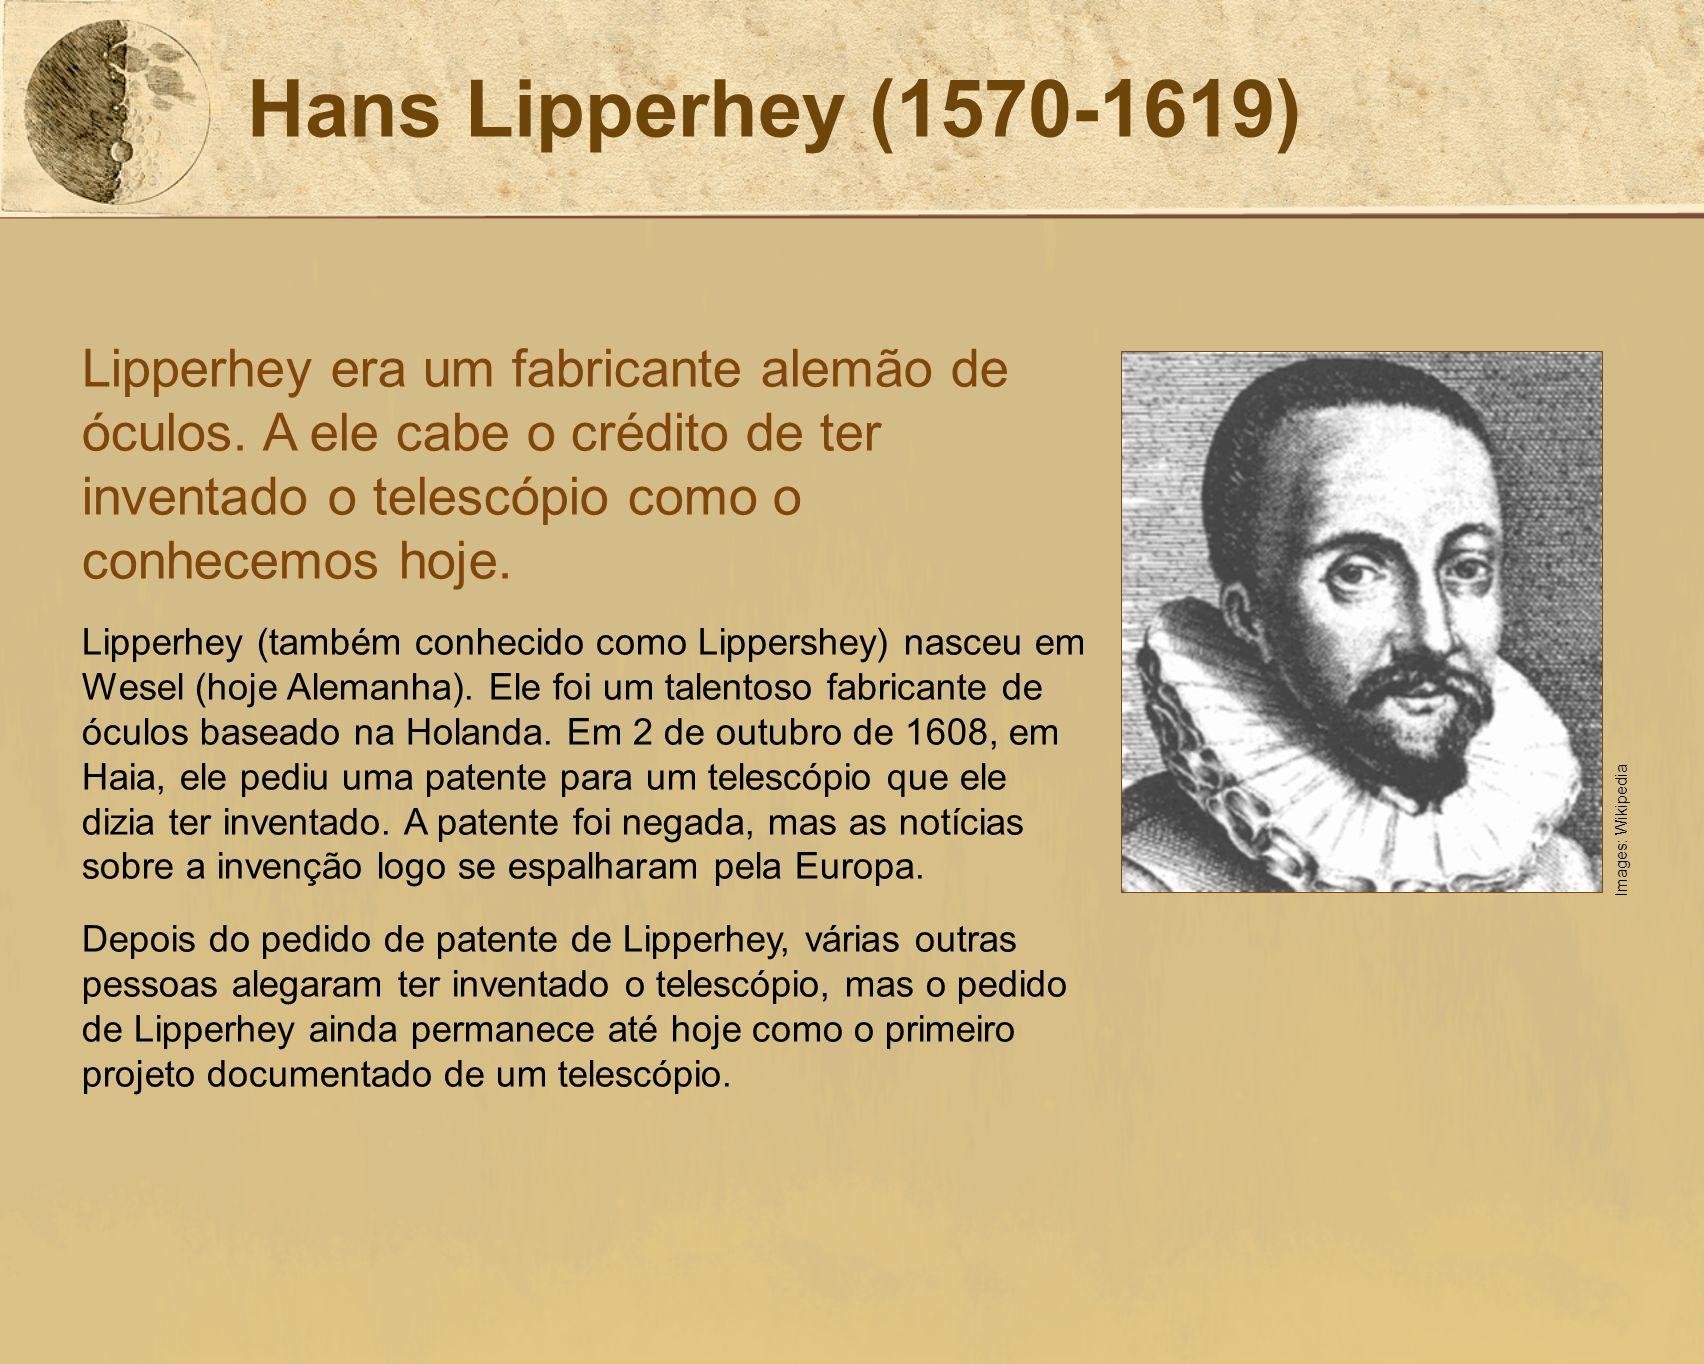 Hans Lipperhey (1570-1619) Lipperhey era um fabricante alemão de óculos. A ele cabe o crédito de ter inventado o telescópio como o conhecemos hoje. Li